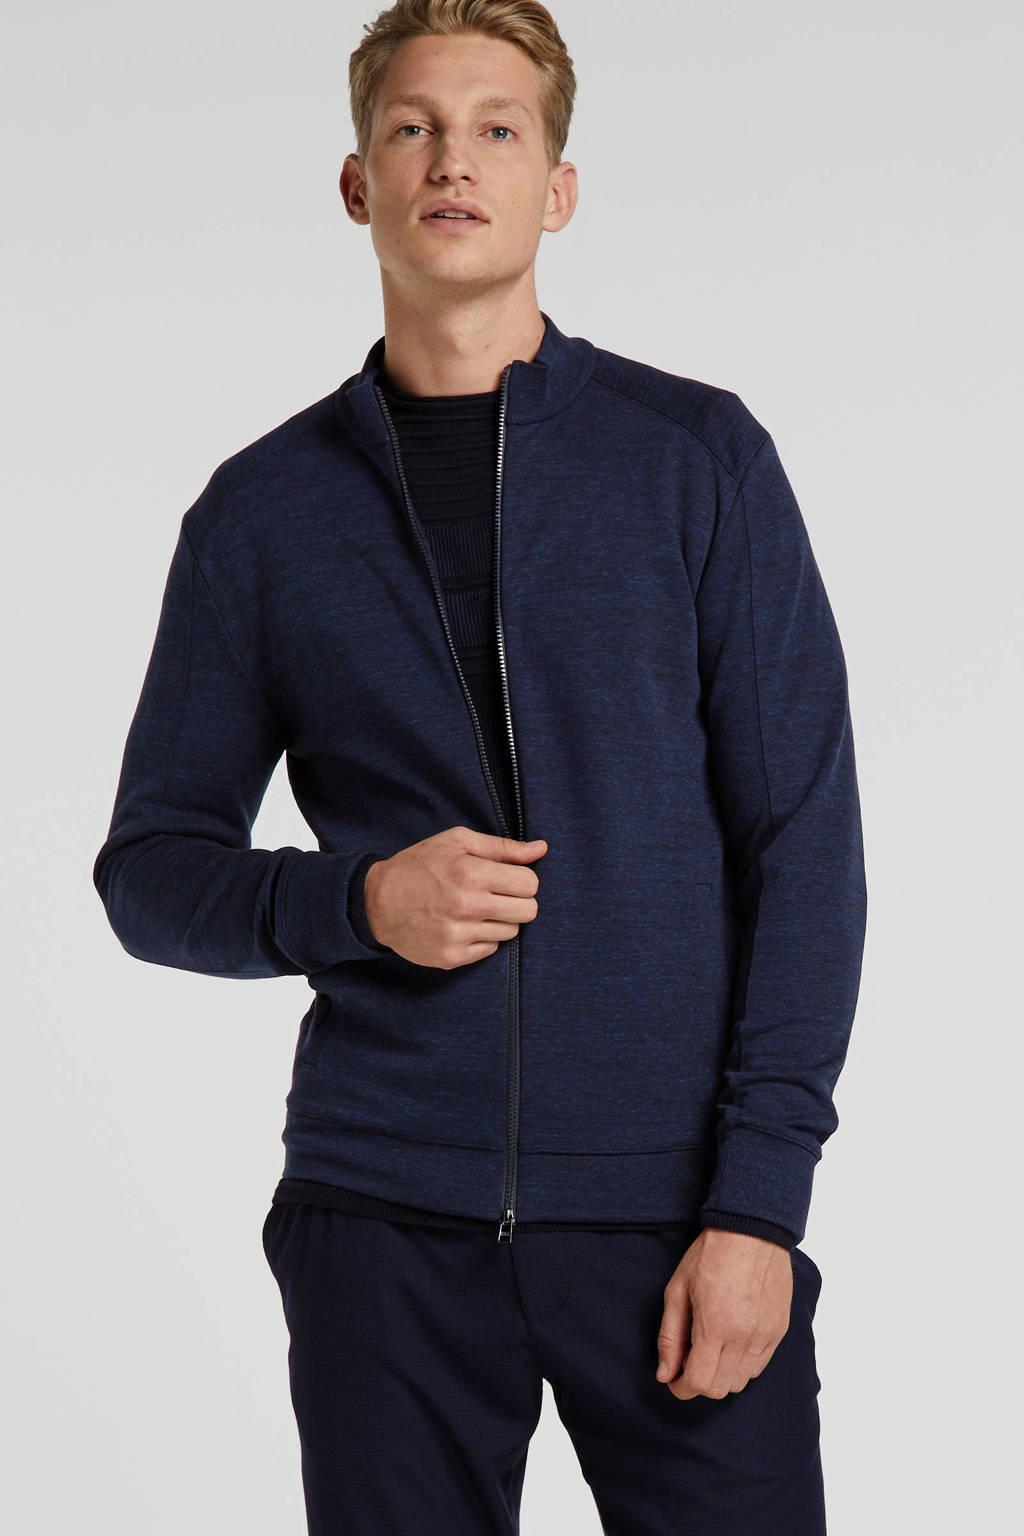 BOSS Menswear gemêleerd vest donkerblauw, Donkerblauw